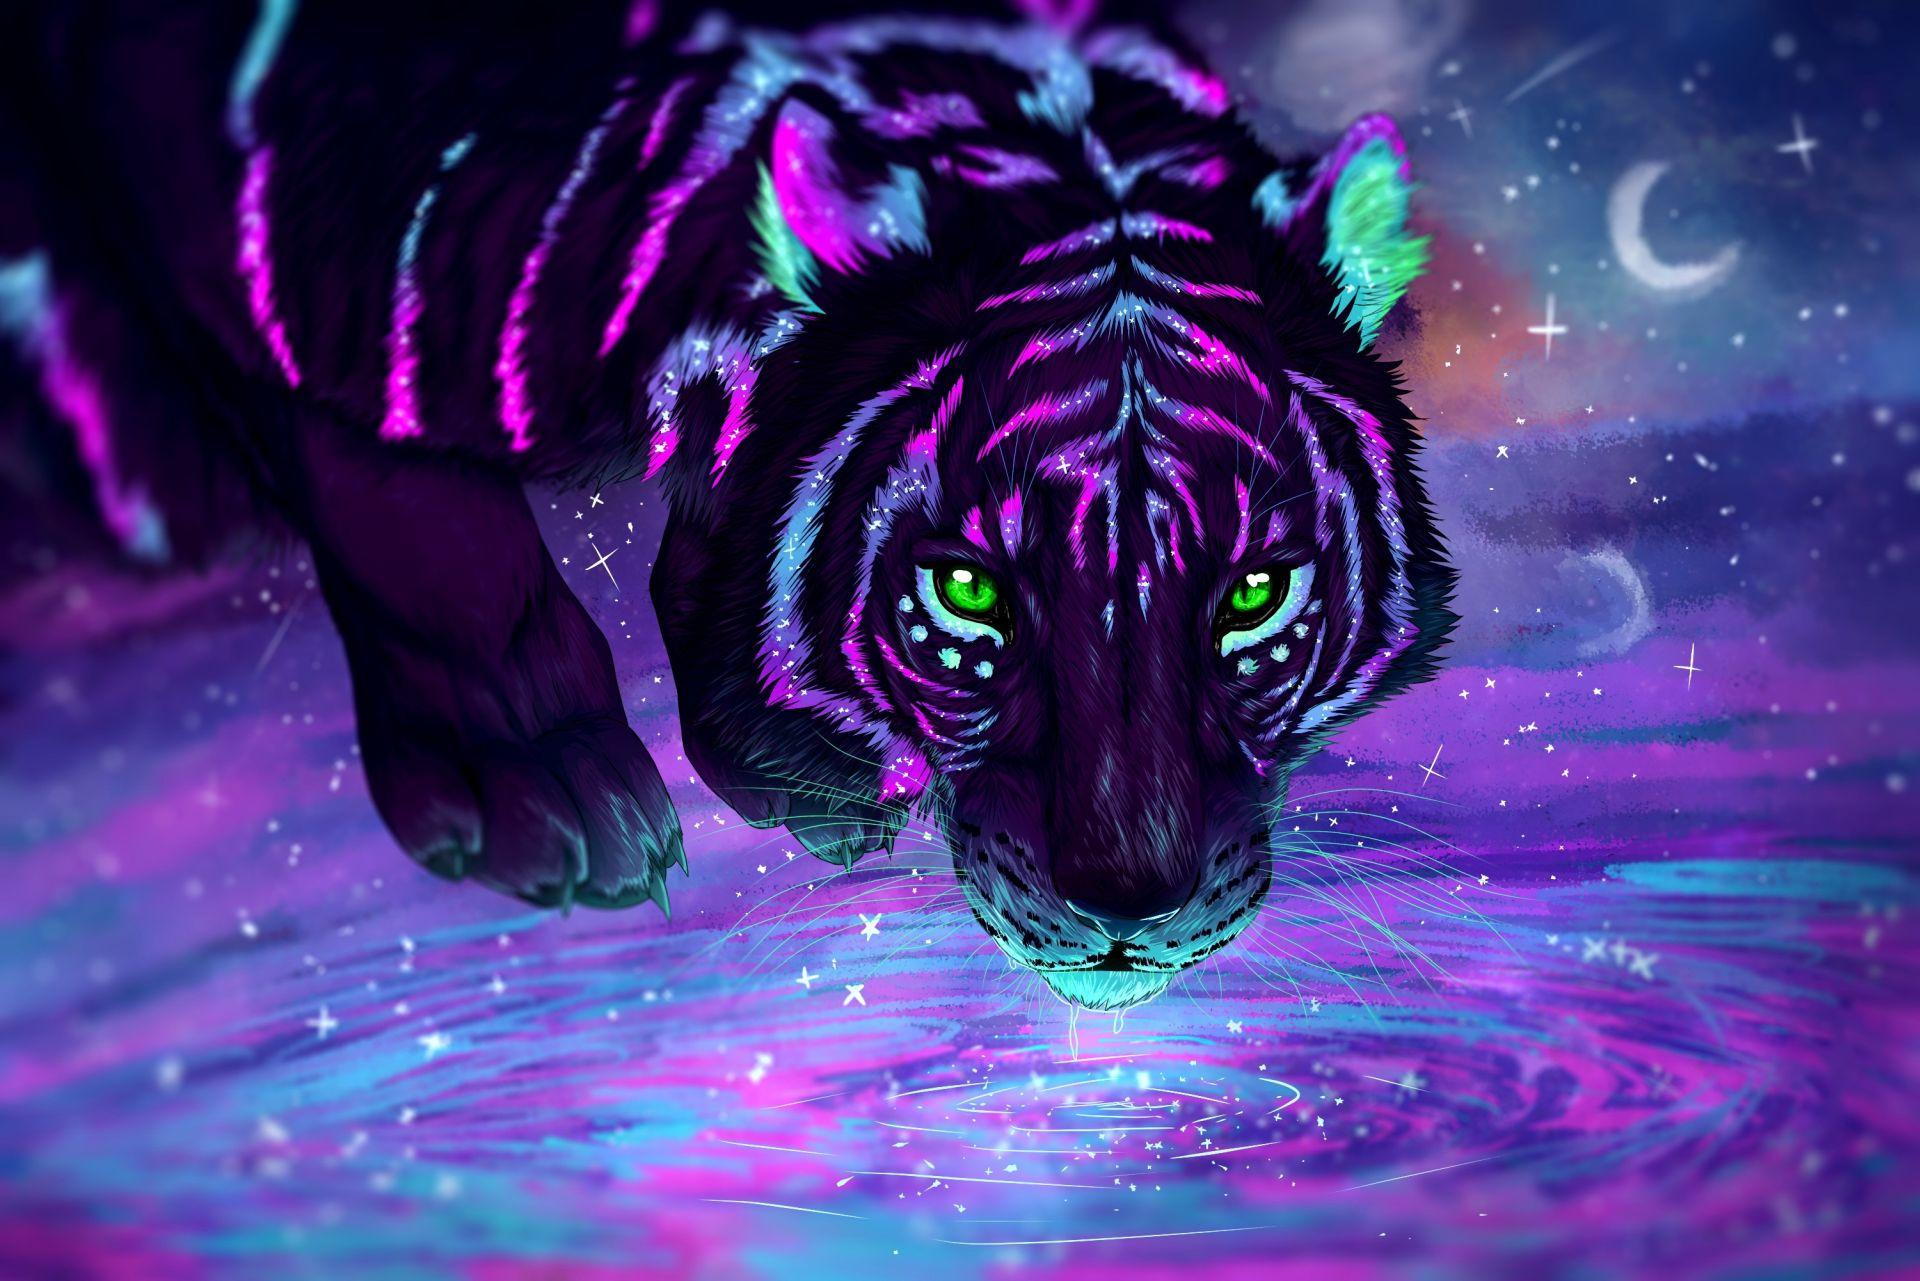 Tiger Art, 1080p Wallpaper